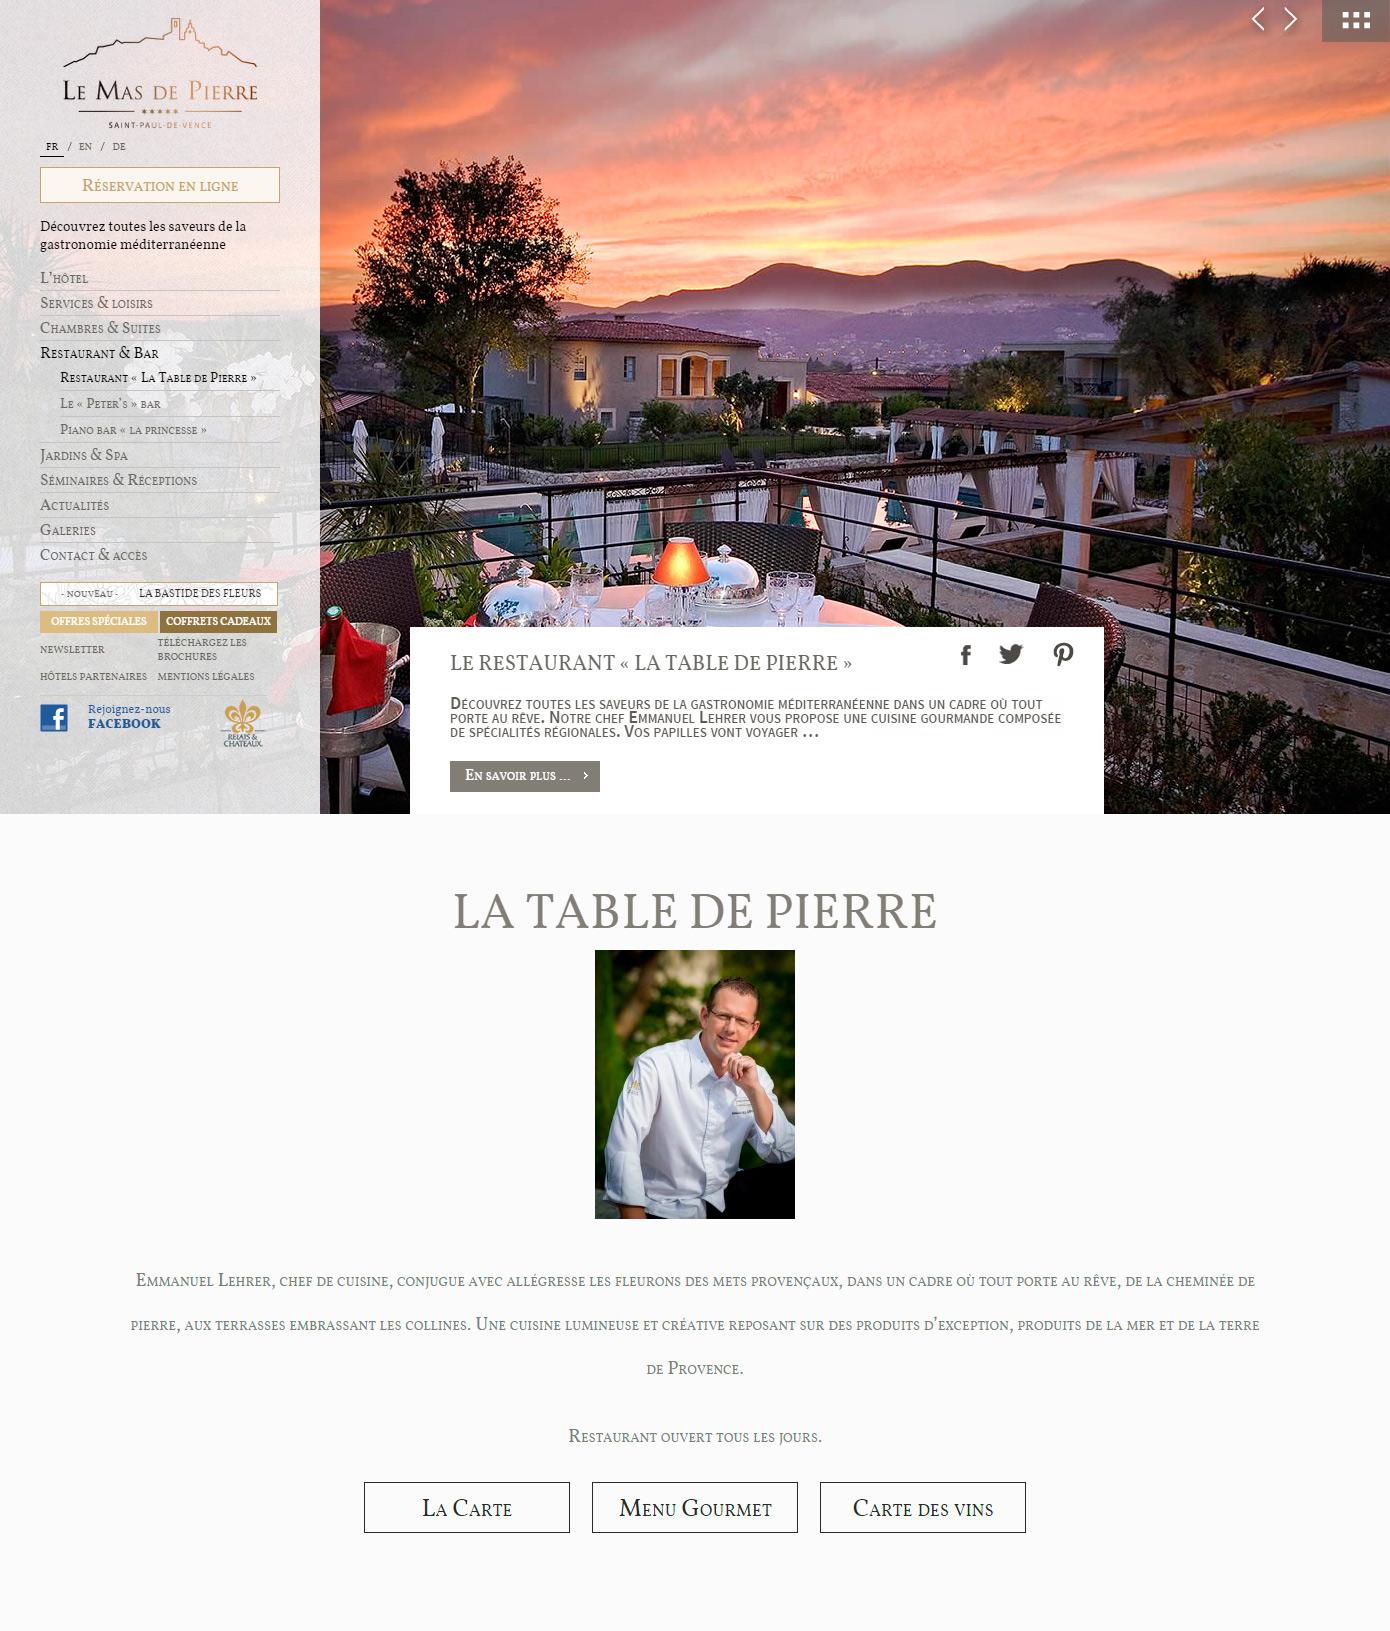 Le Mas de Pierre Relais & Châteaux 5*